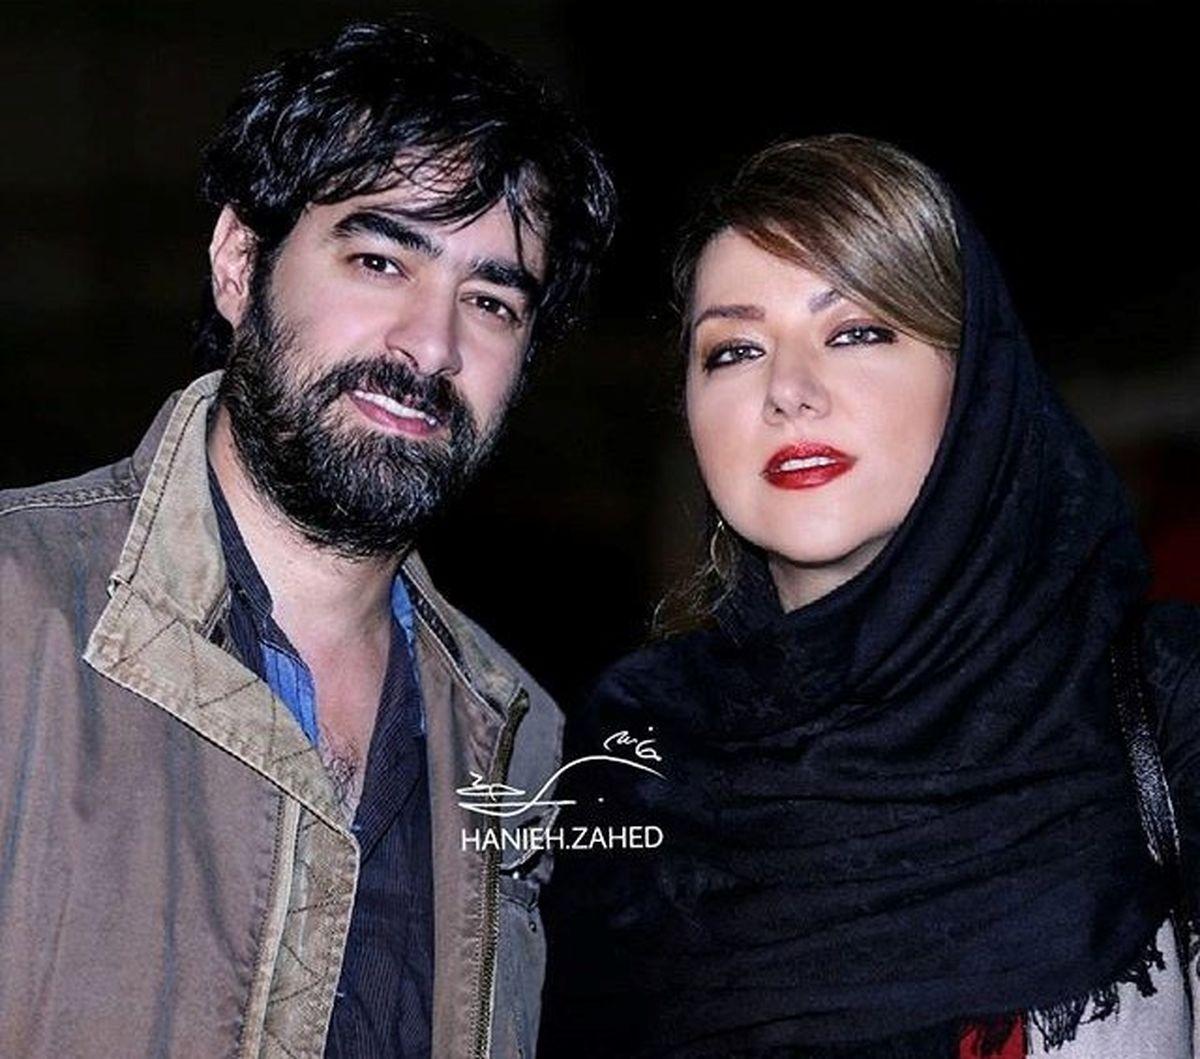 طلاق شهاب حسینی رسانه ای شد +تصاویر